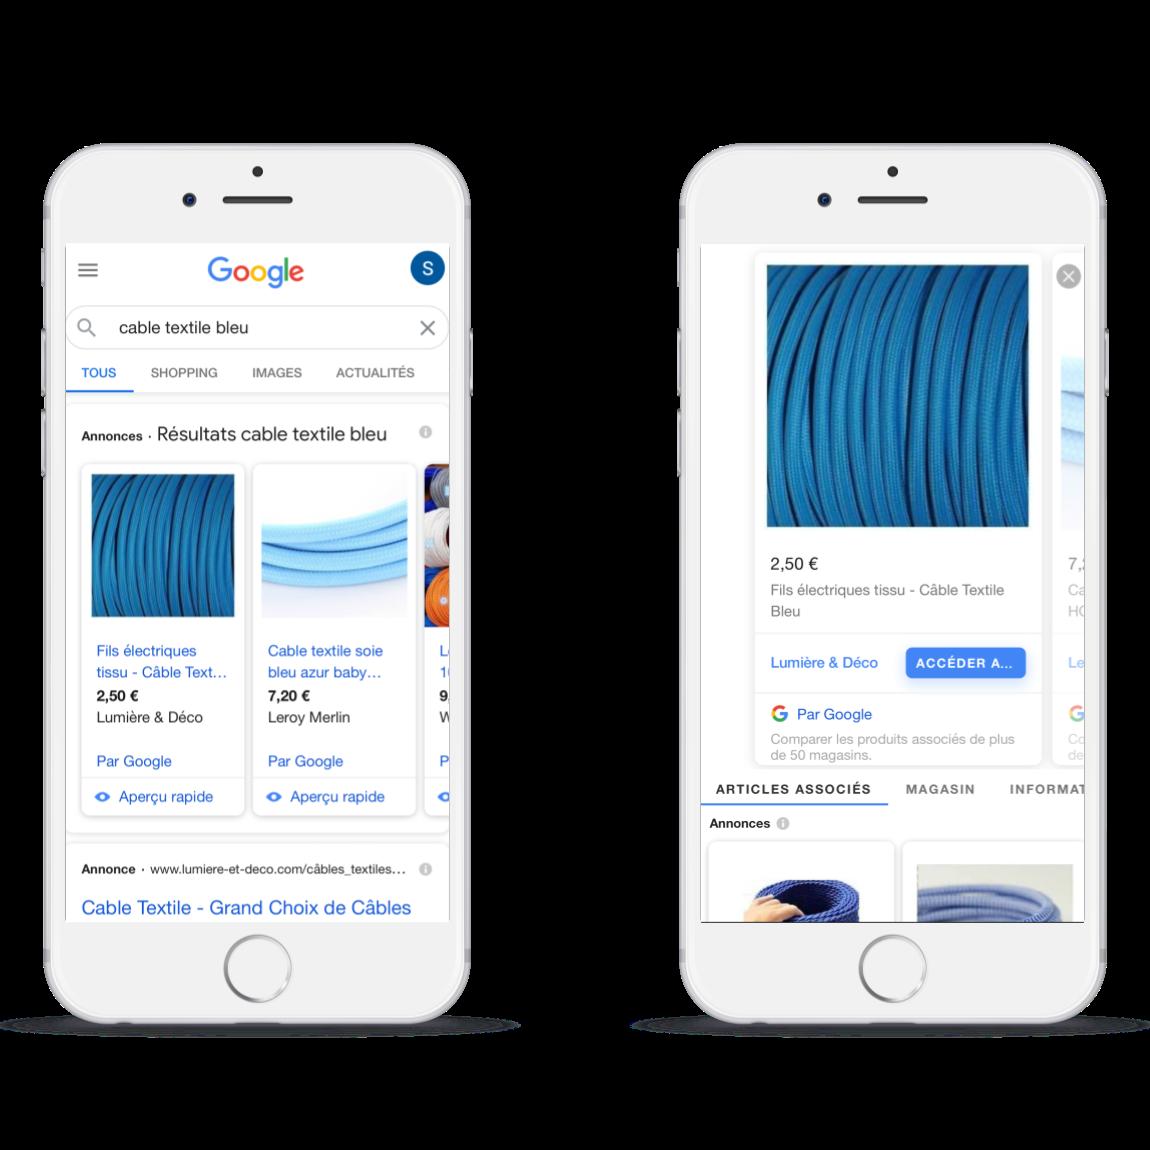 Annonces Showcase Shopping mises en place par l'agence google shopping Digiberries.